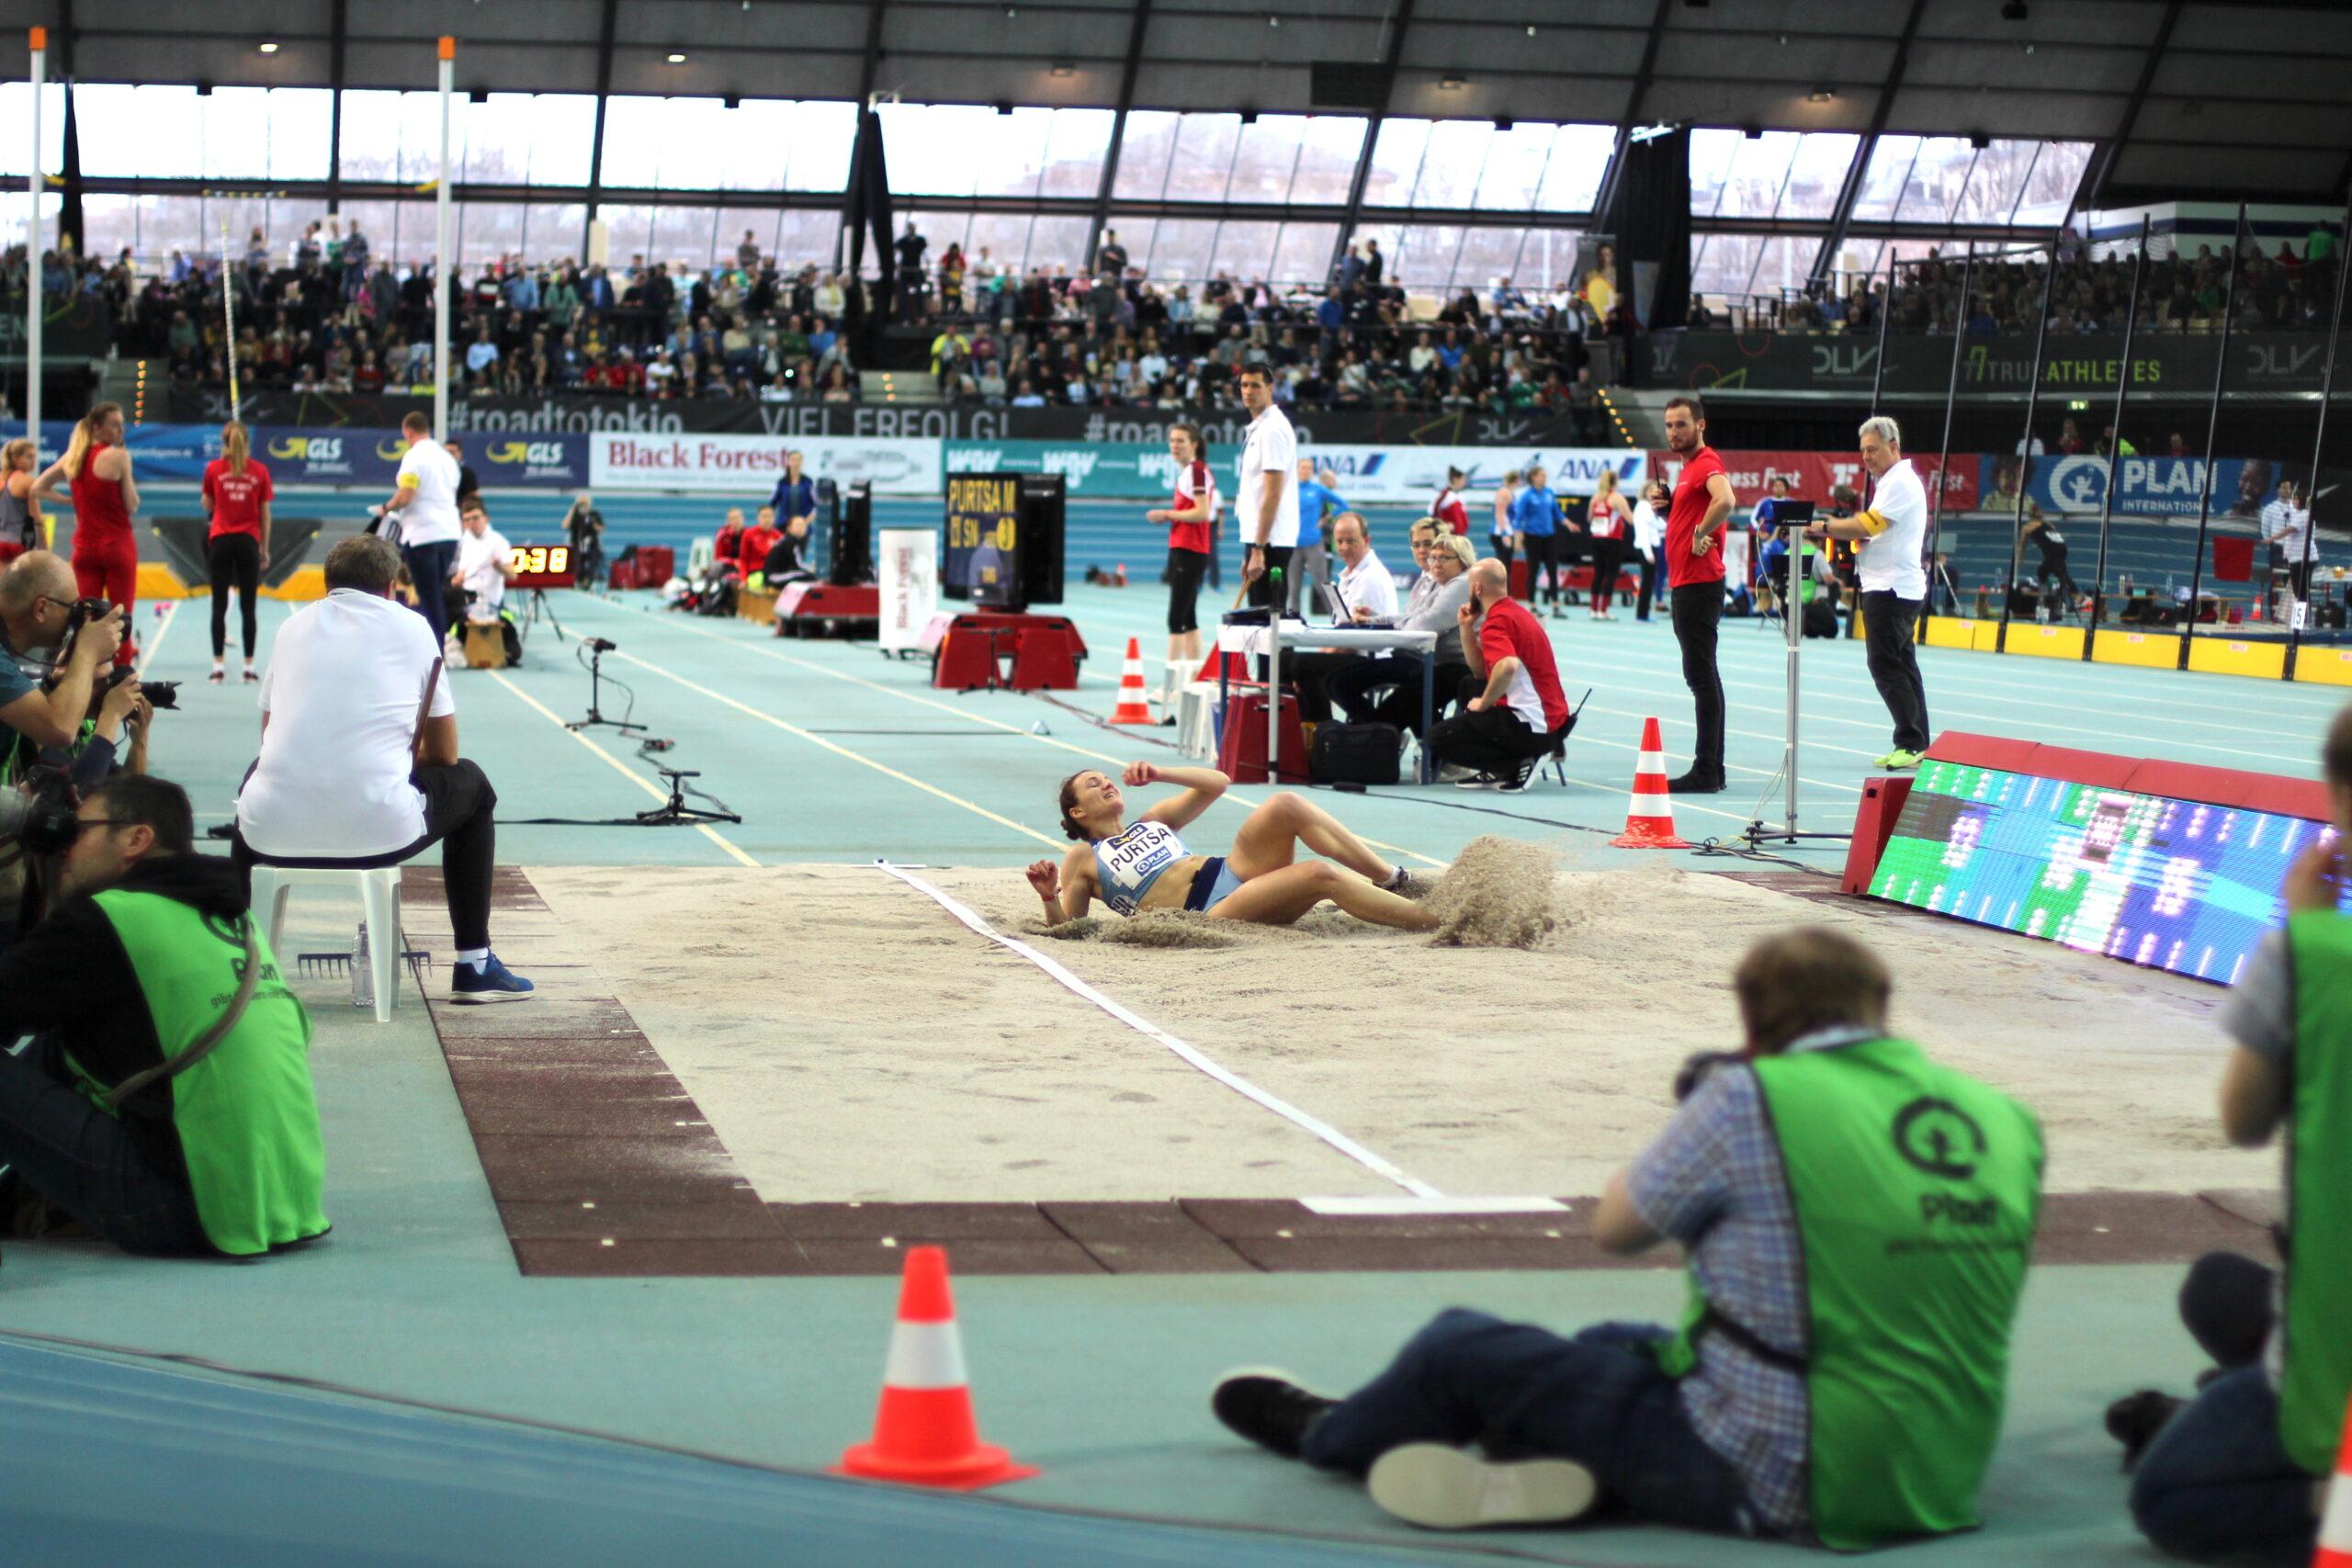 Deutsche Leichtathletik Hallenmeisterschaft 2020: Eine Dreispringerin landet in der Sandgrube und rollt sich seitlich ab. Der Sand spritzt aus der Grube. Die Kampfrichter beobachten die Athletin, Foto: Florian Eib.